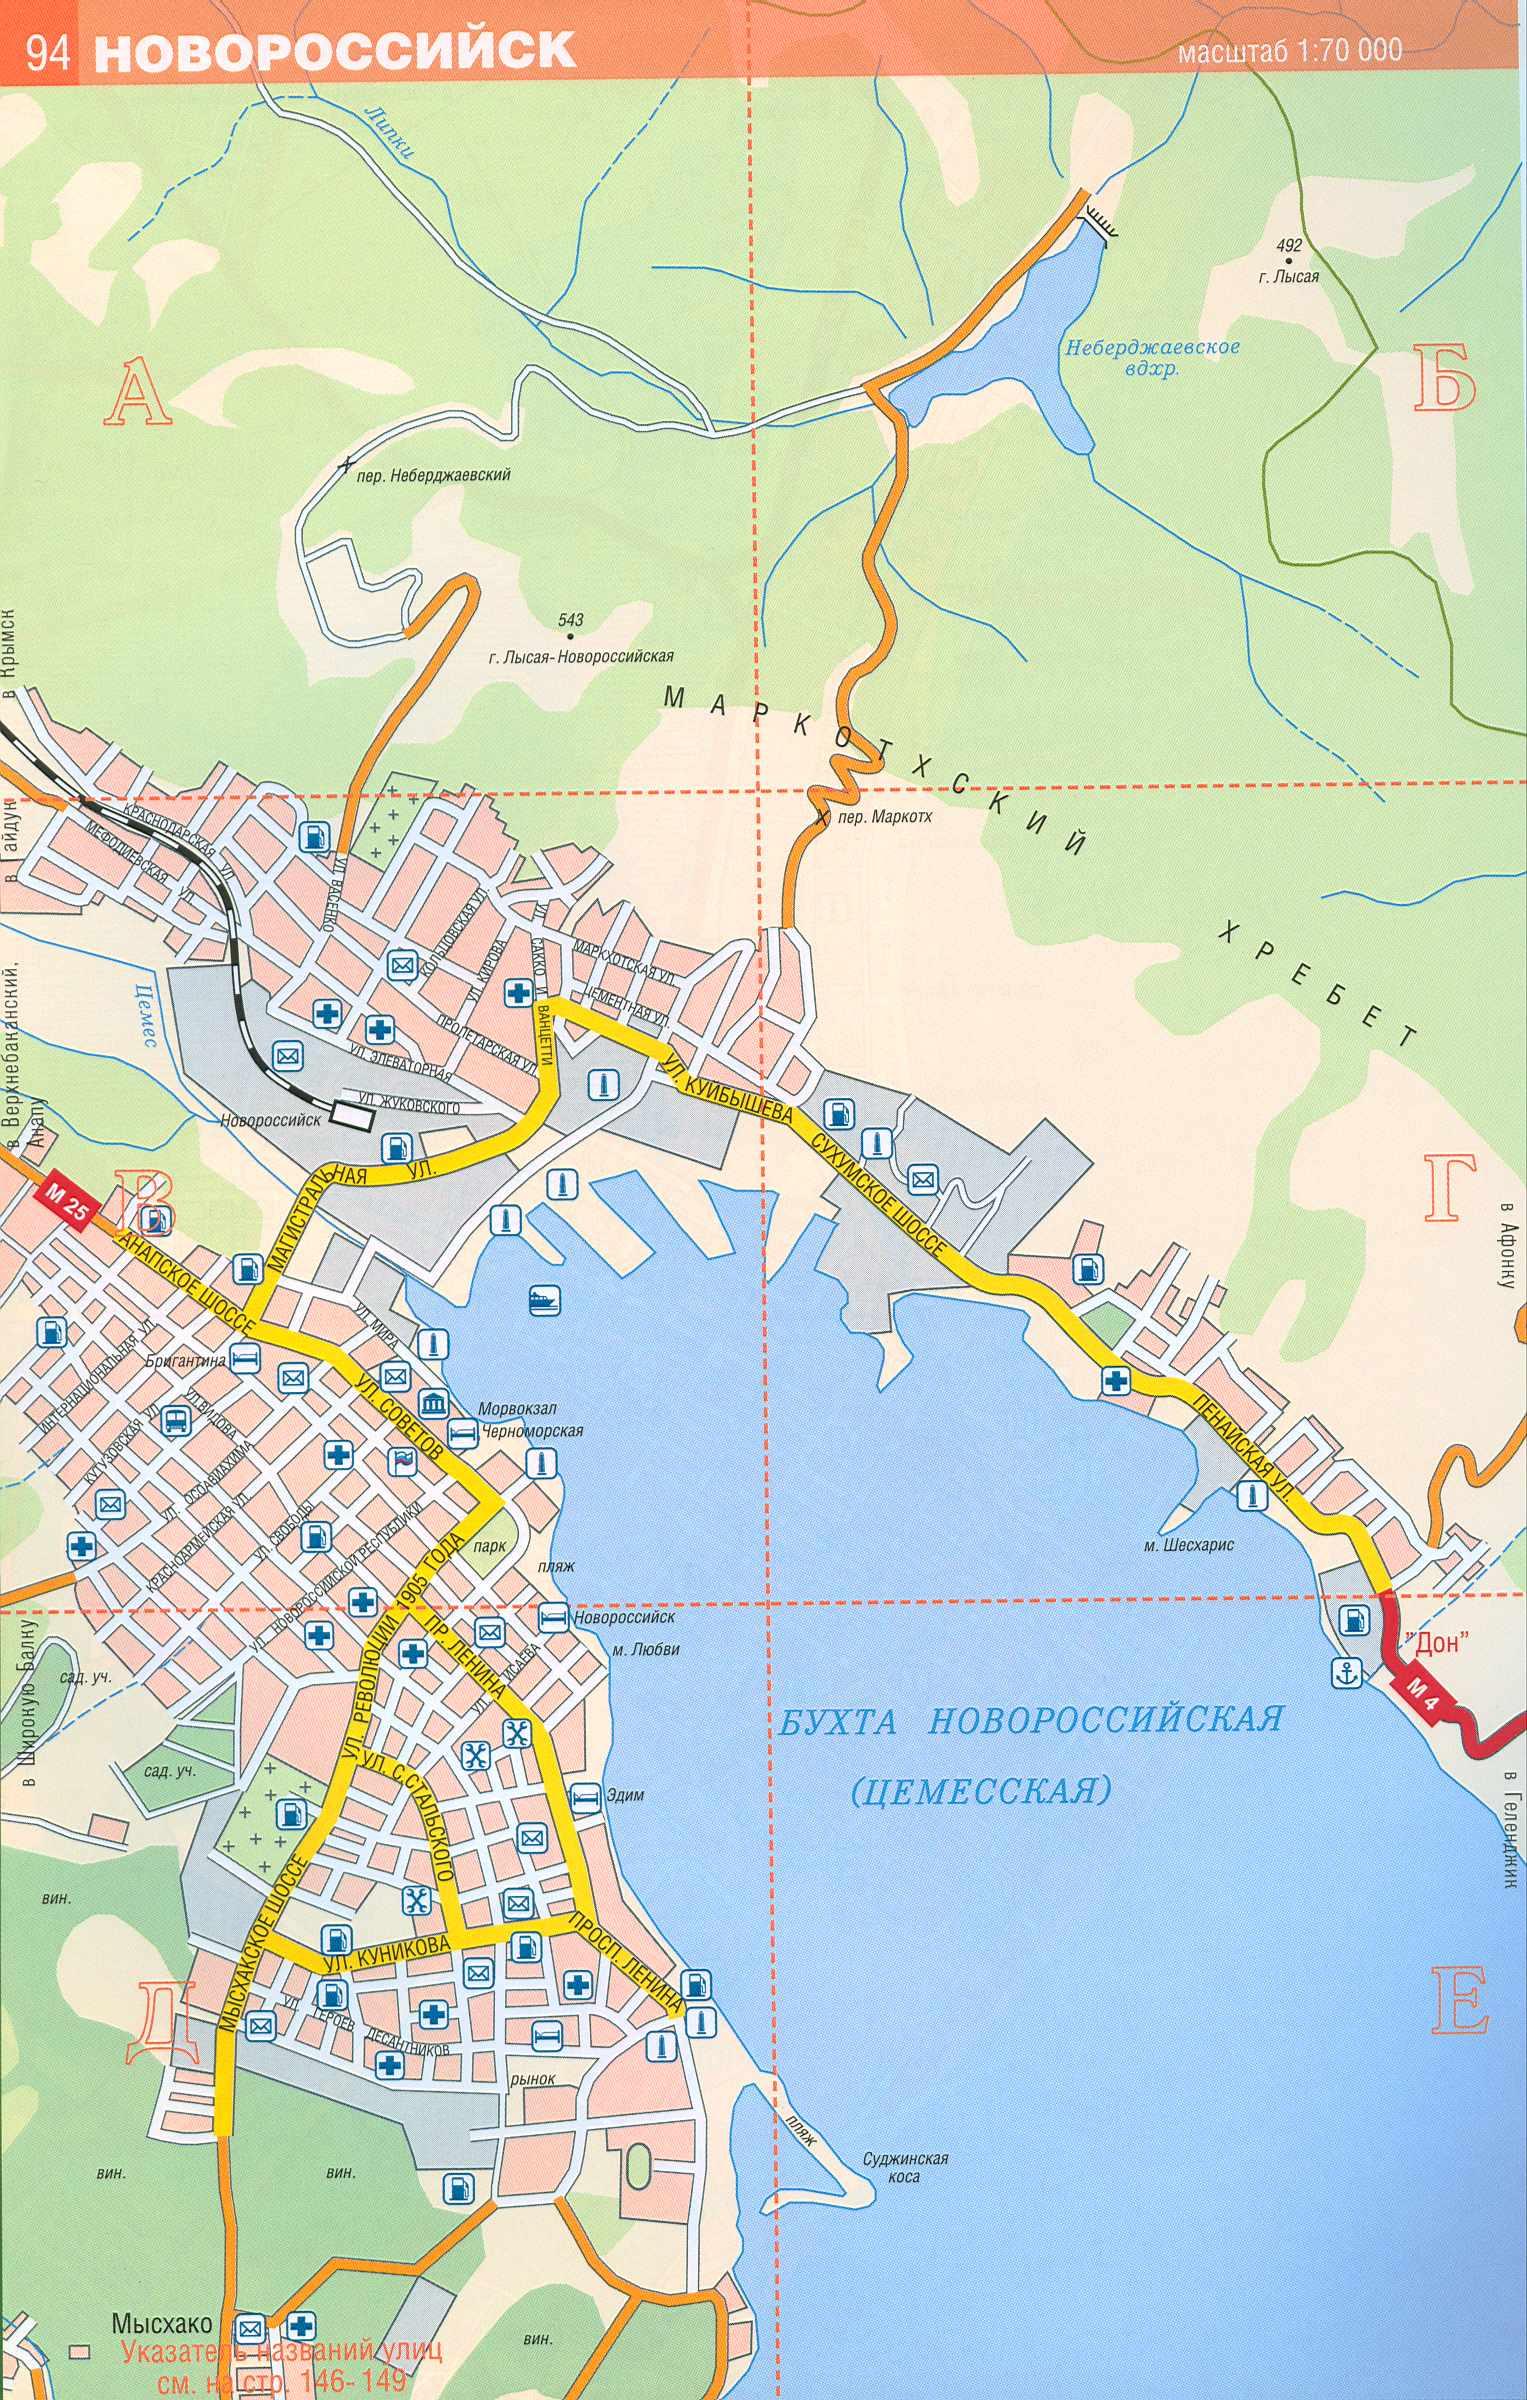 Подробная карта города Новороссийск.